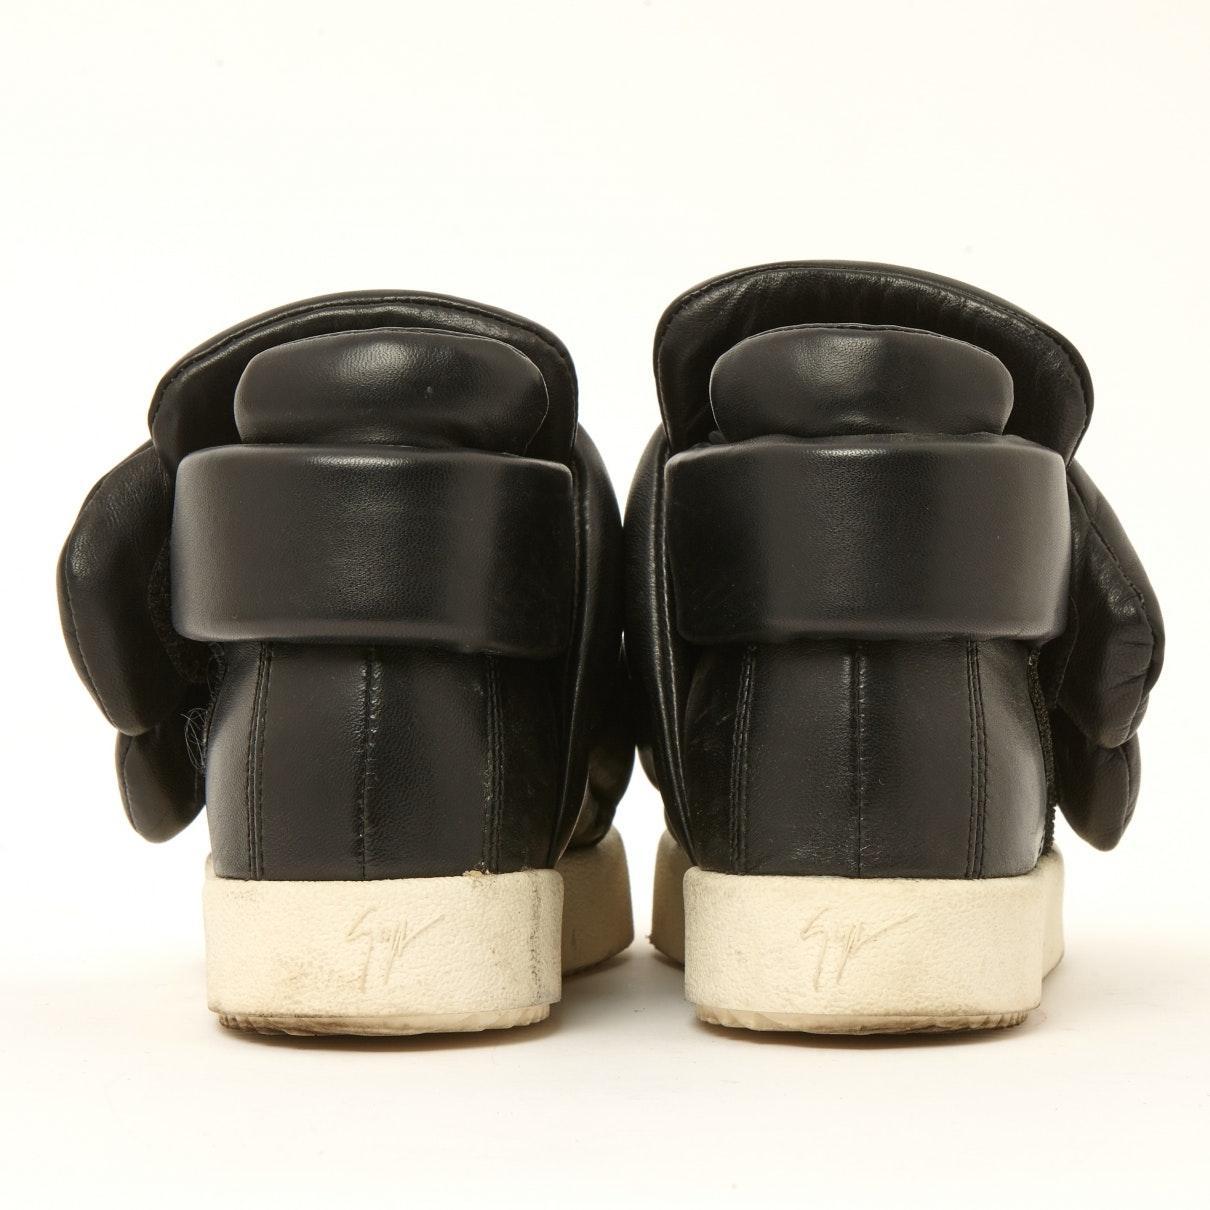 Deportivas en cuero negro N Giuseppe Zanotti de Cuero de color Negro